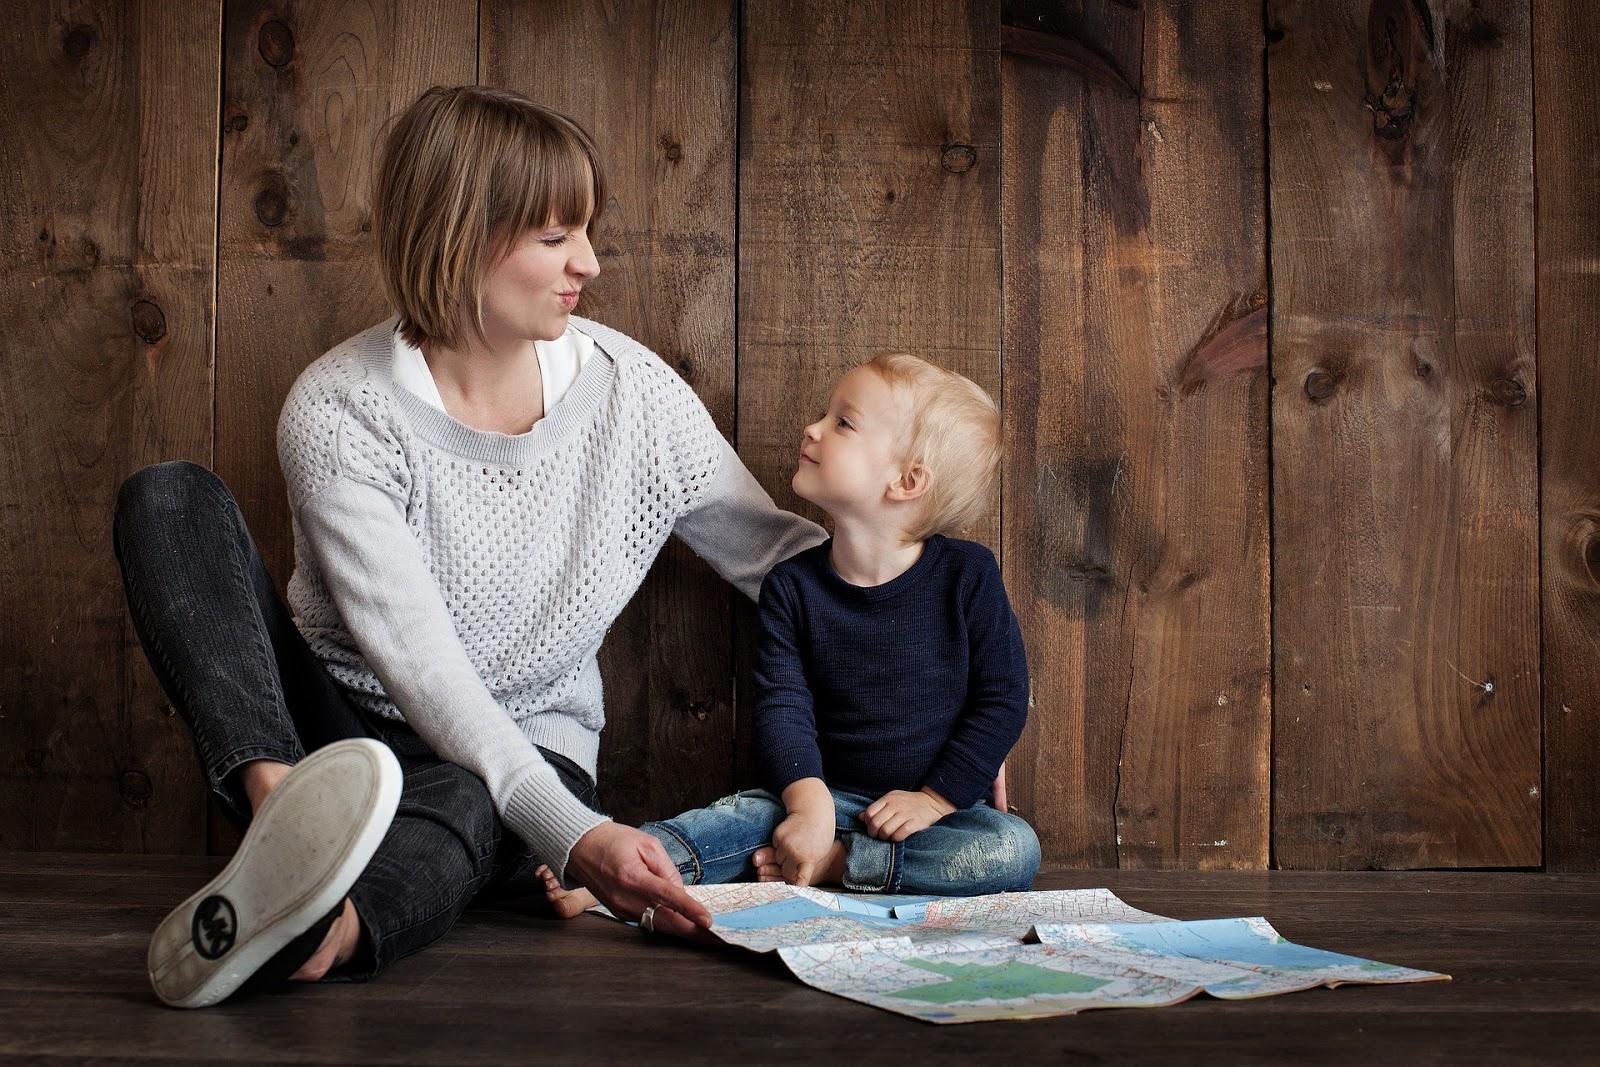 Cách dạy trẻ 2 tuổi hiệu quả - Cha mẹ hãy trở thành người bạn của trẻ